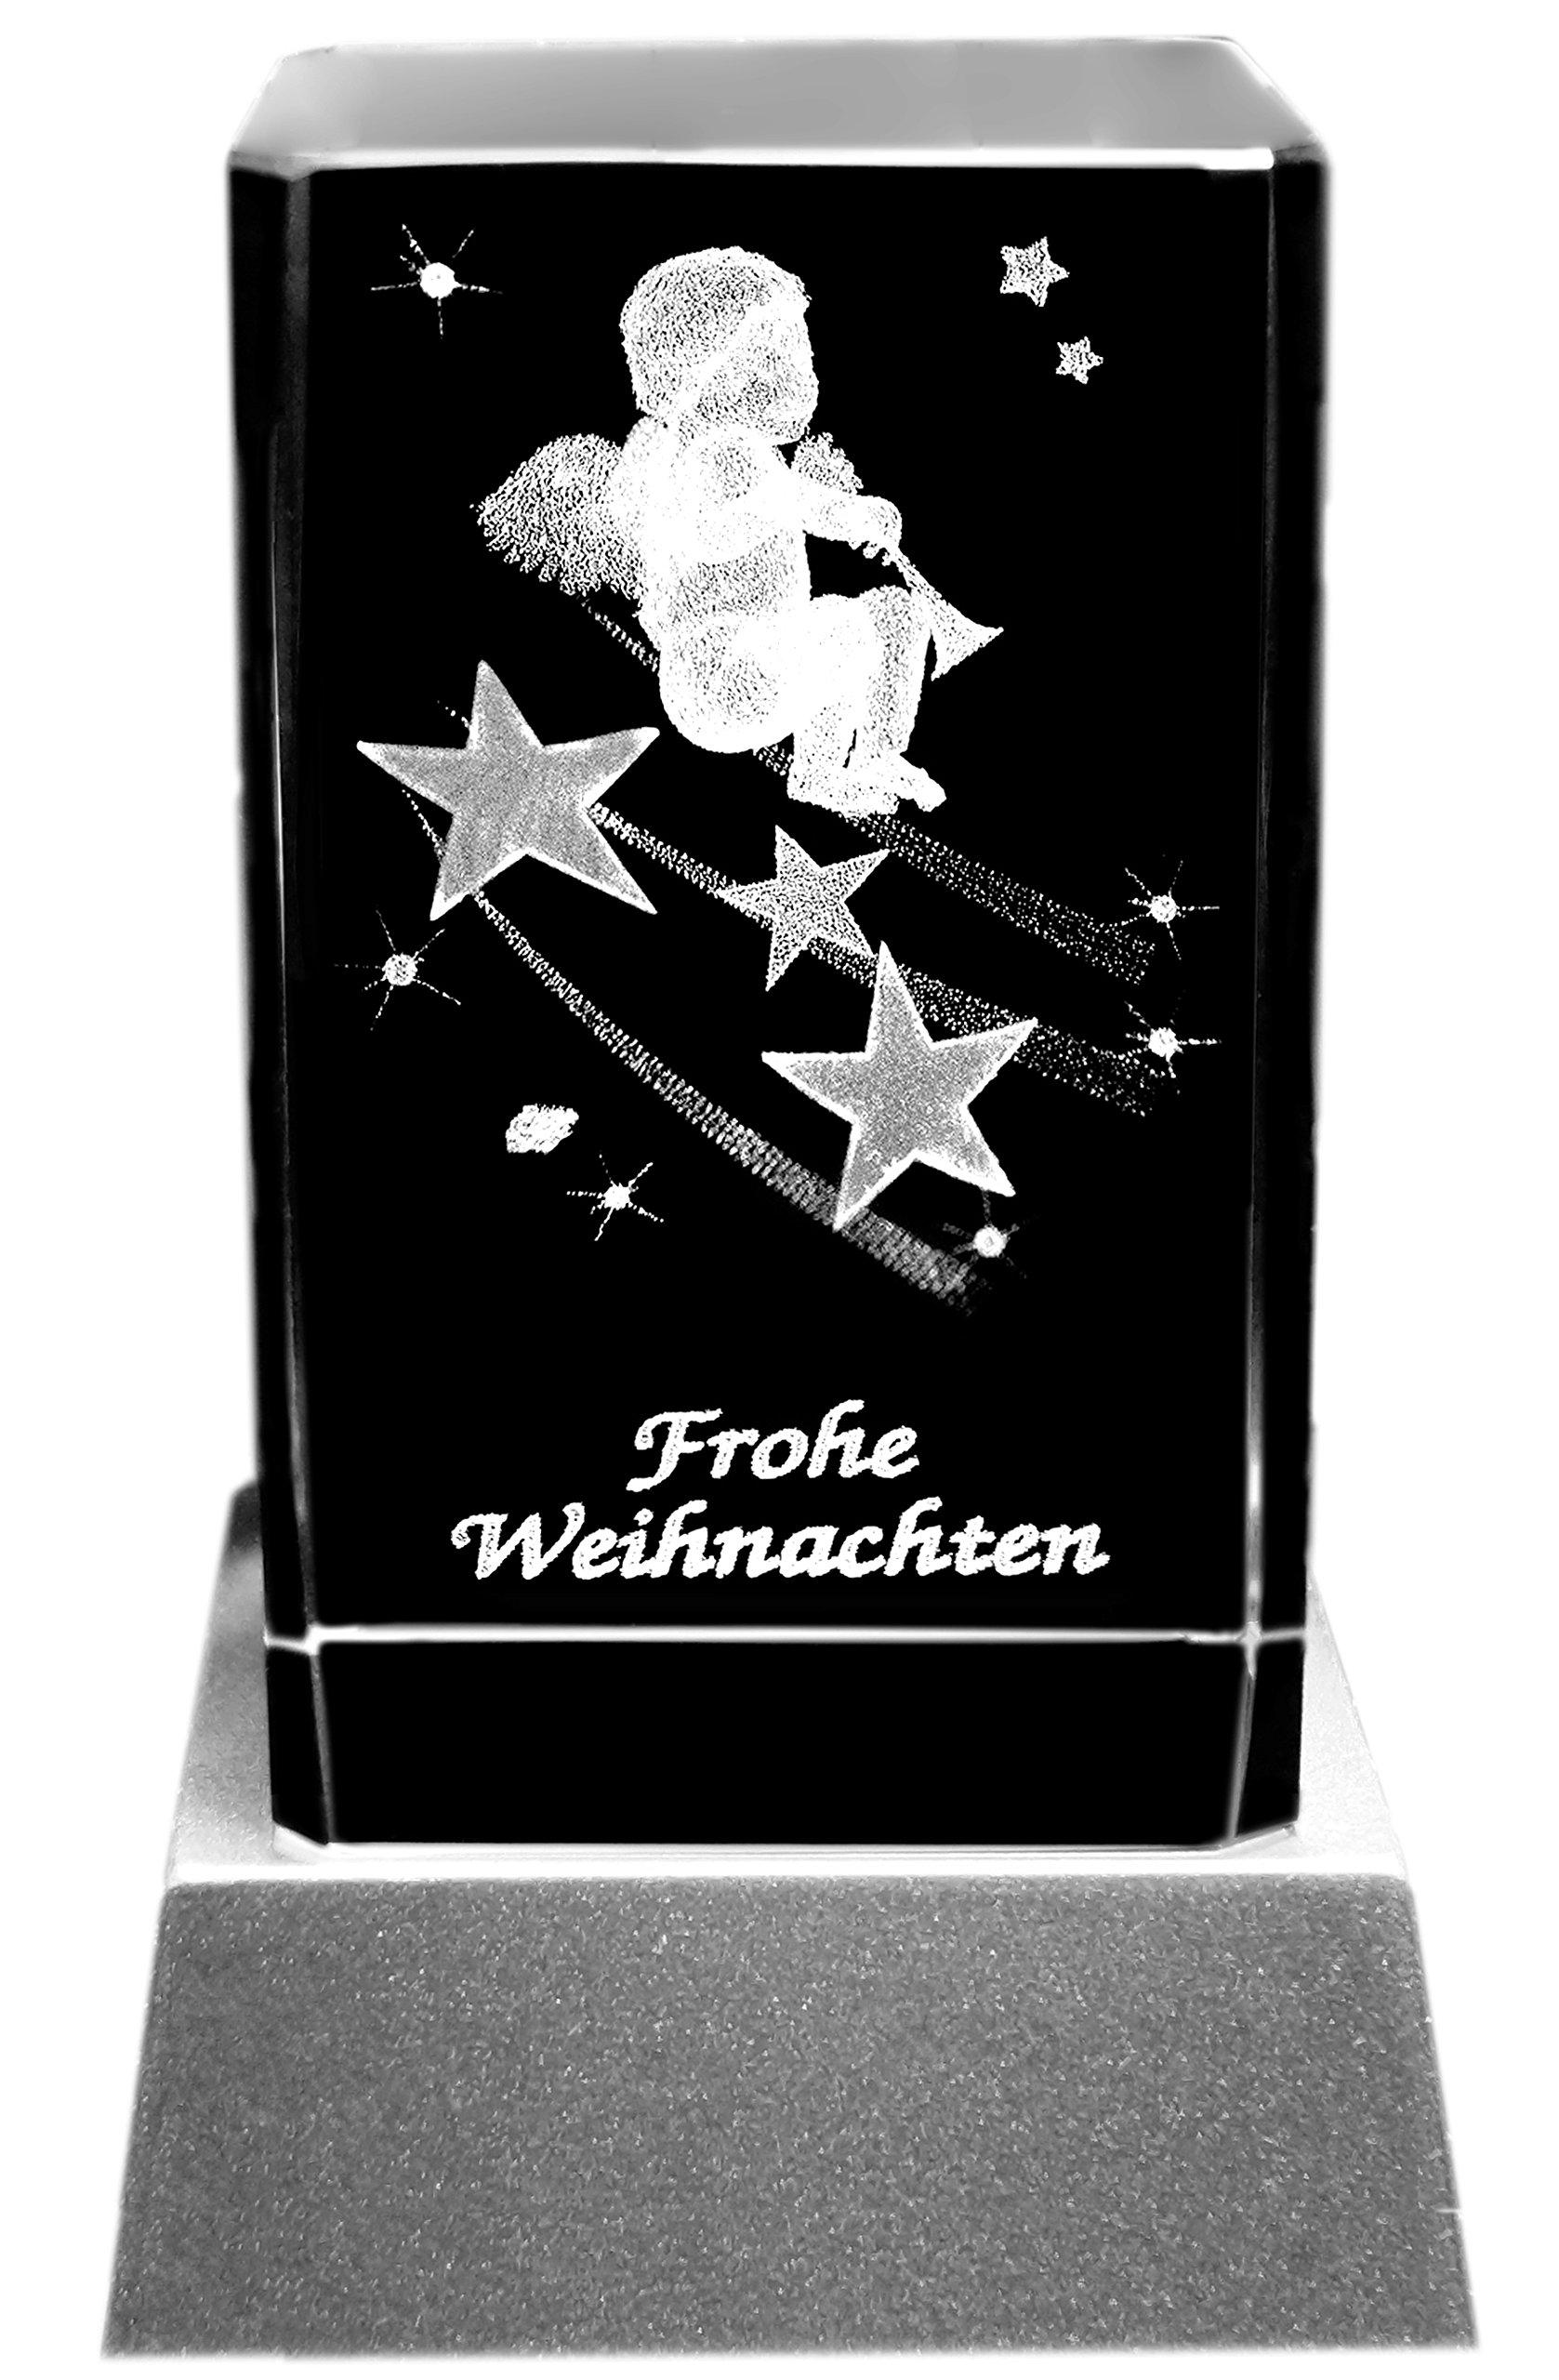 Kaltner Präsente Stimmungslicht LED Kerze/Kristall Glasblock / 3D-Laser-Gravur Engel mit Trompete Schriftzug Frohe…